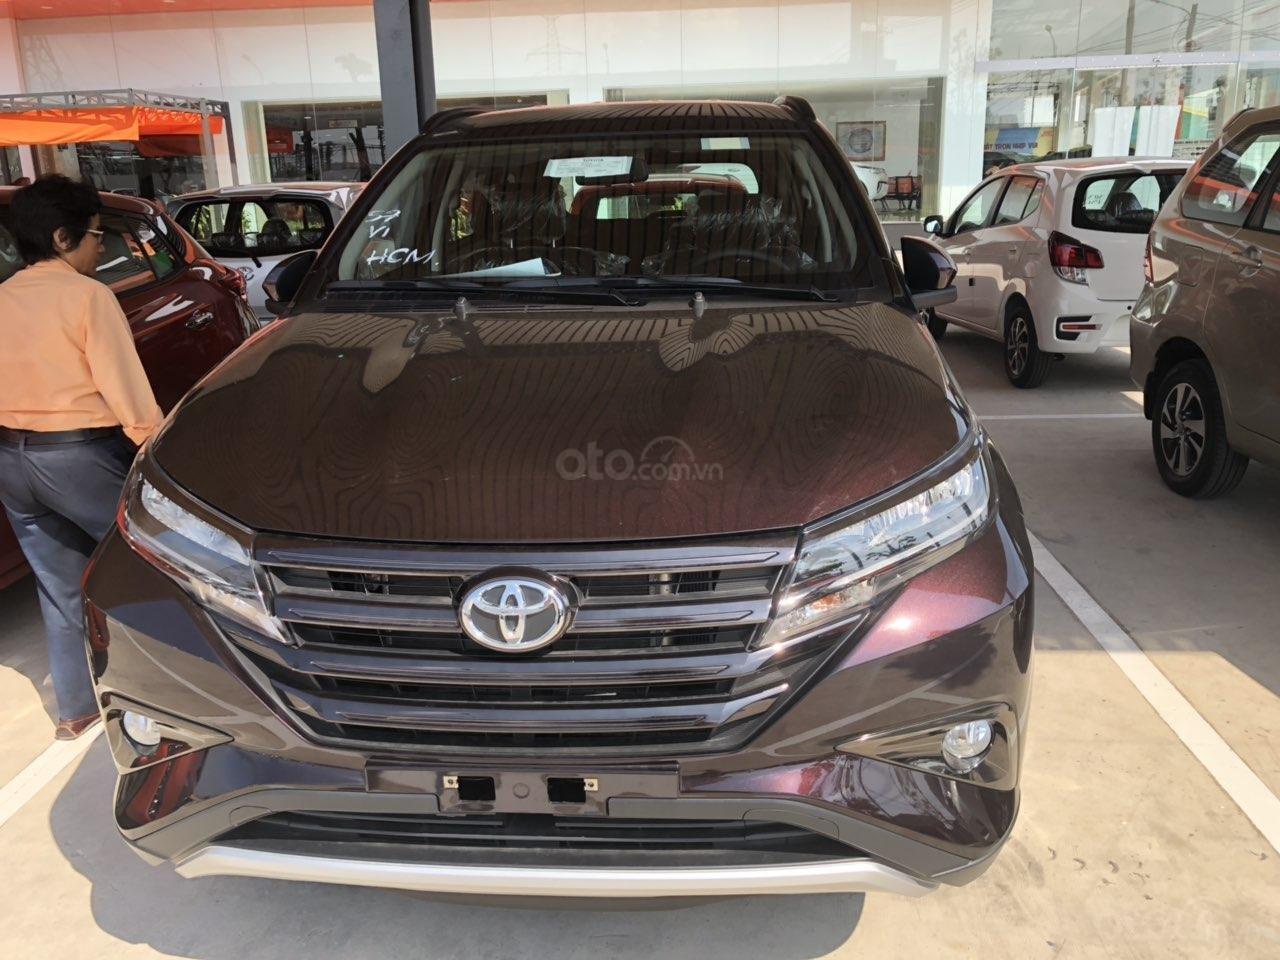 Bán Toyota Rush 1.5S AT năm 2019, màu đỏ, xe nhập, thanh toán 250tr nhận xe (1)